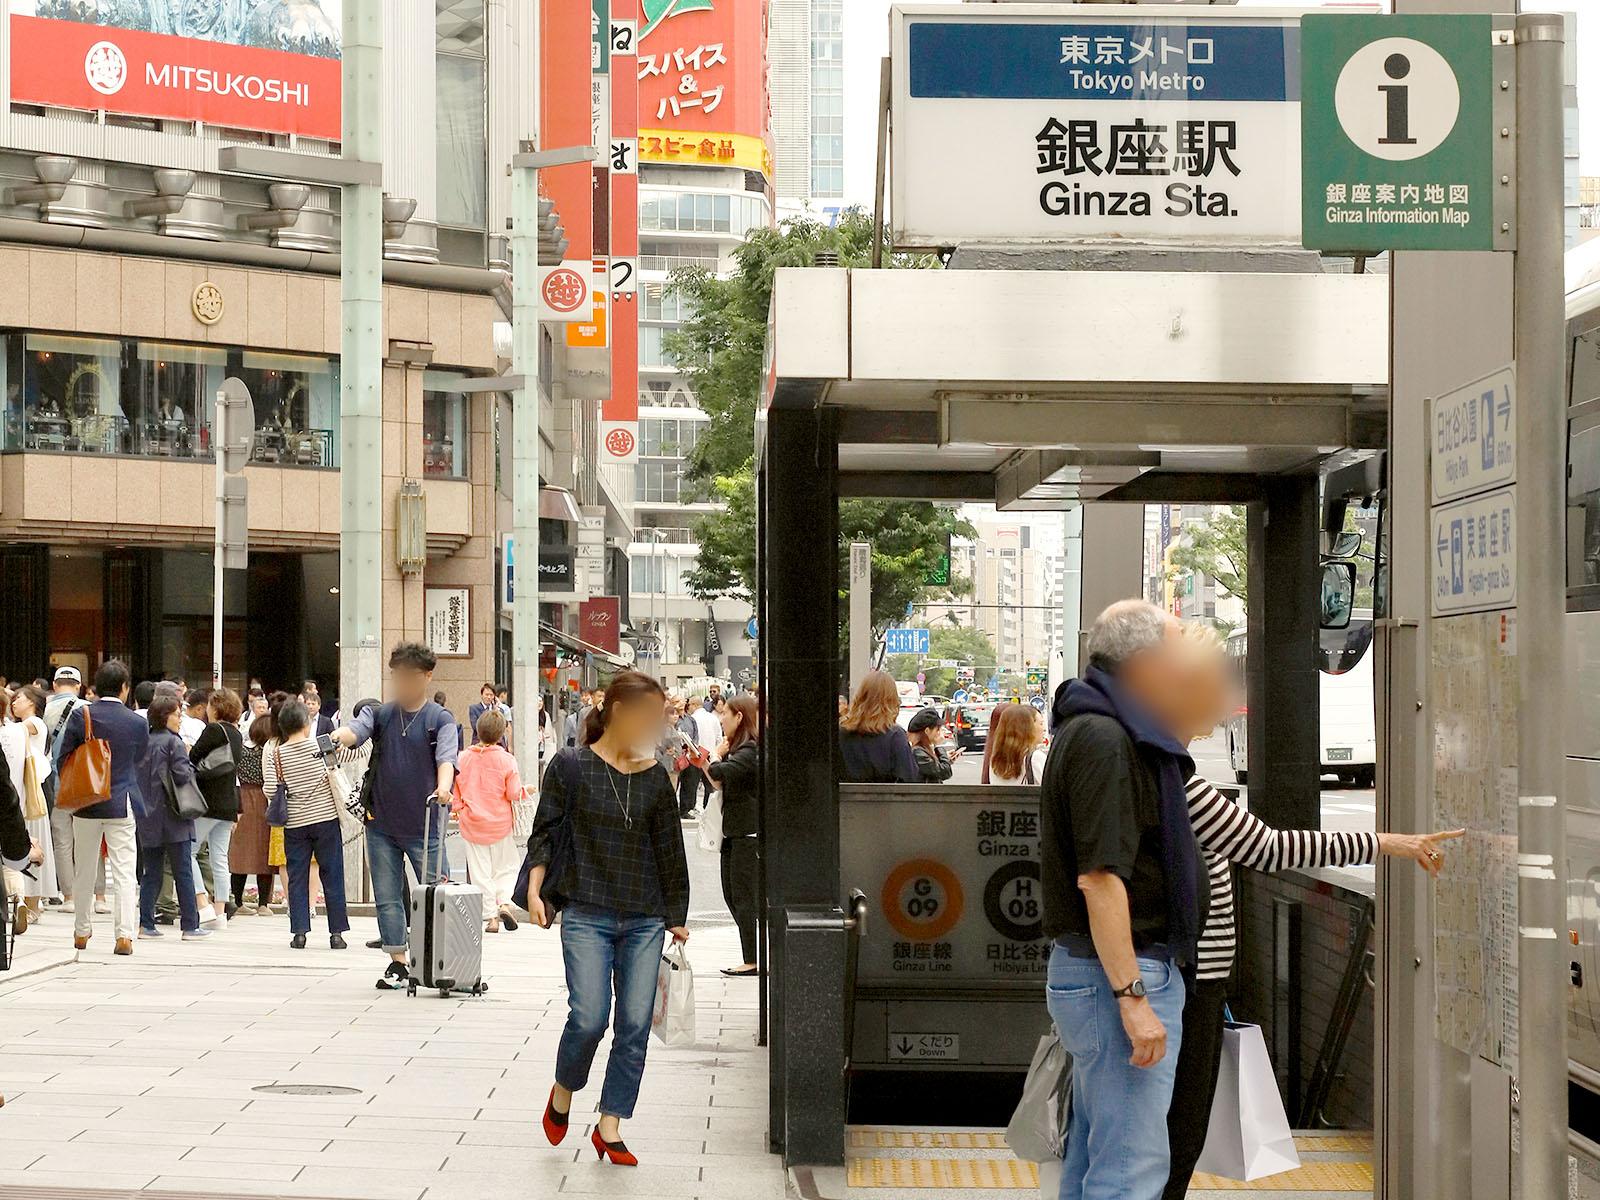 東京中央美容外科銀座二丁目院東京メトロ銀座駅ルート01